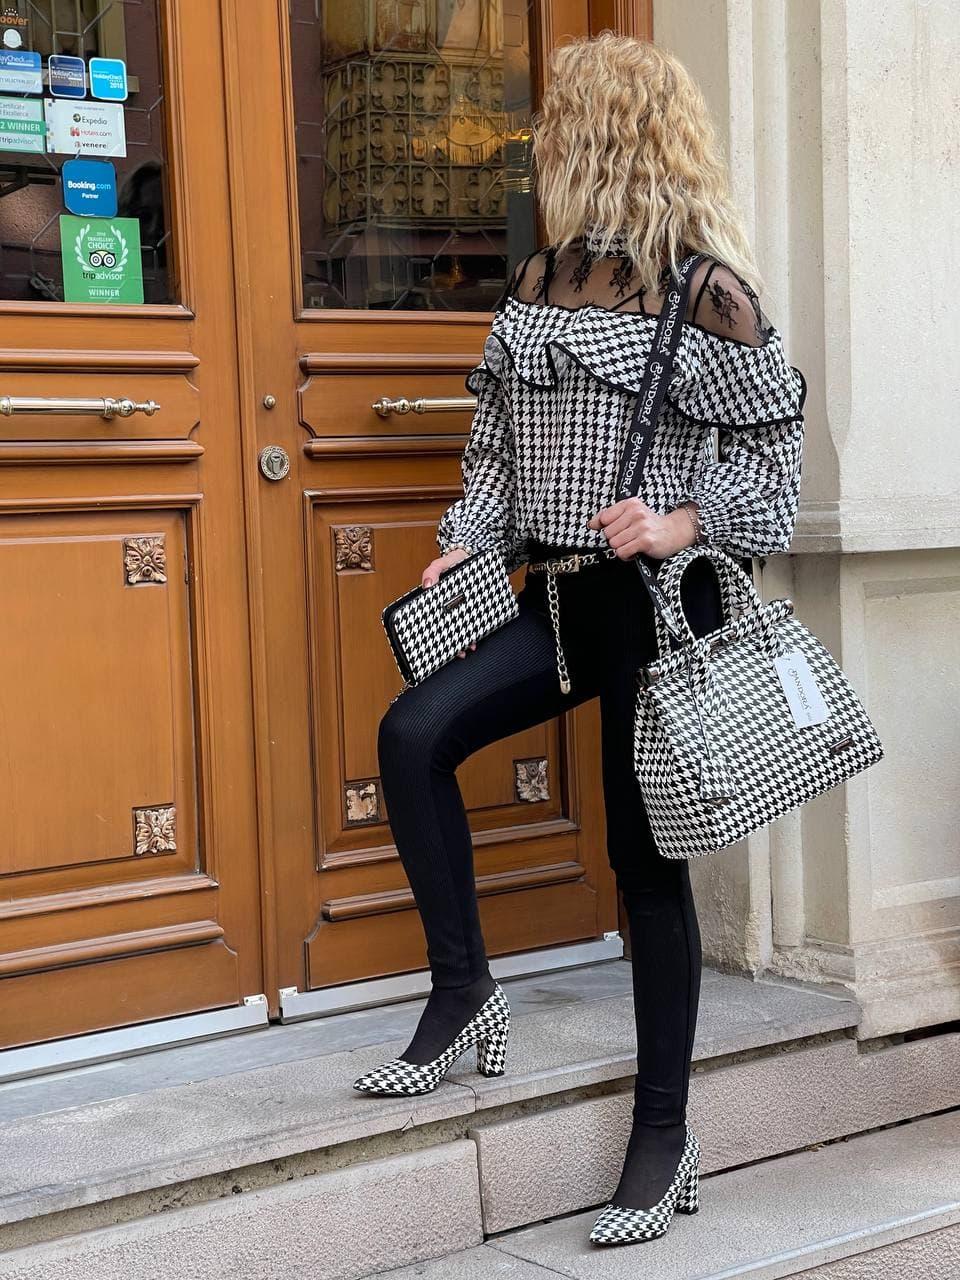 حقيبة نسائية محفظة وحذاء كومبين فريق مصمم فاخر جودة عالية صنع في تركيا k-9040